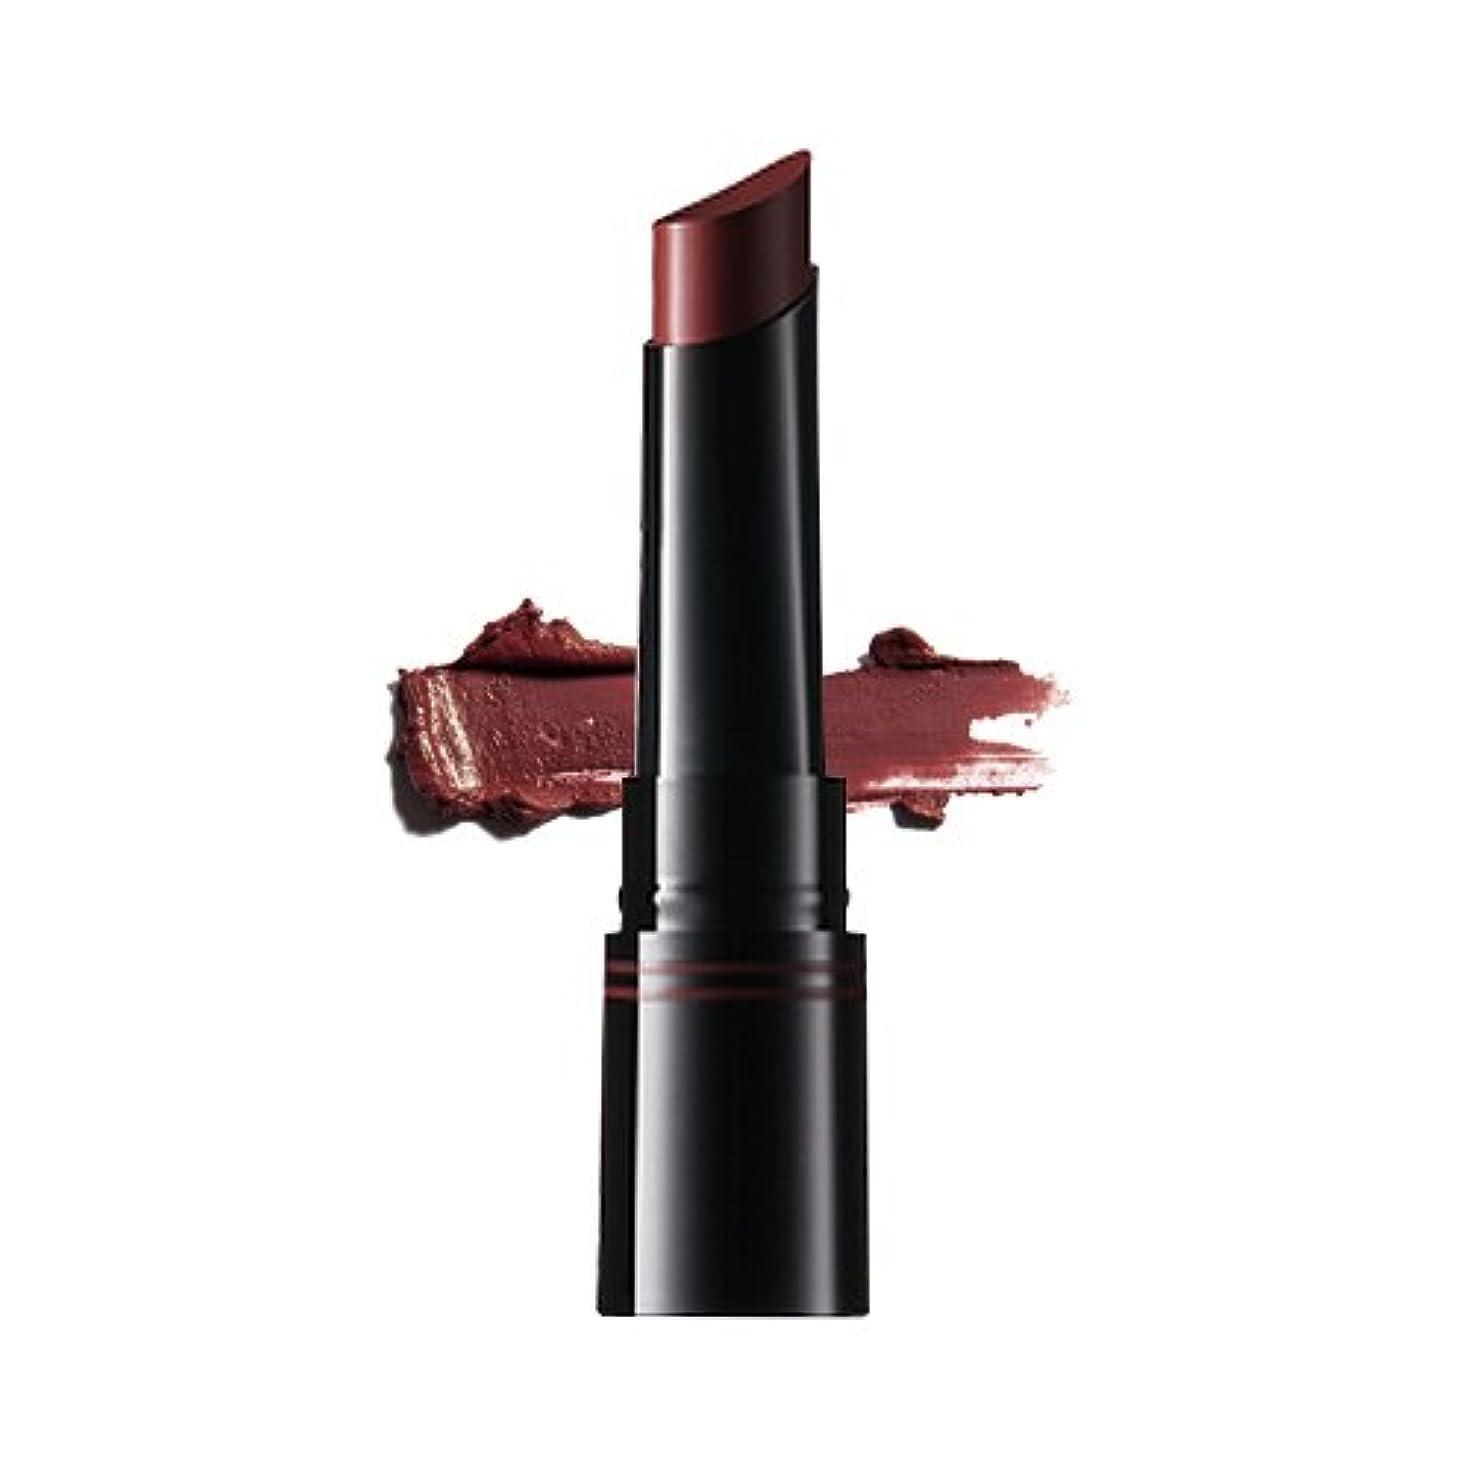 細部著名な妥協[New] TONYMOLY Perfect Lips Curving Lip Stick 2.5g/トニーモリー パーフェクト リップス カービング リップスティック 2.5g (#10 Crimson Red) [並行輸入品]